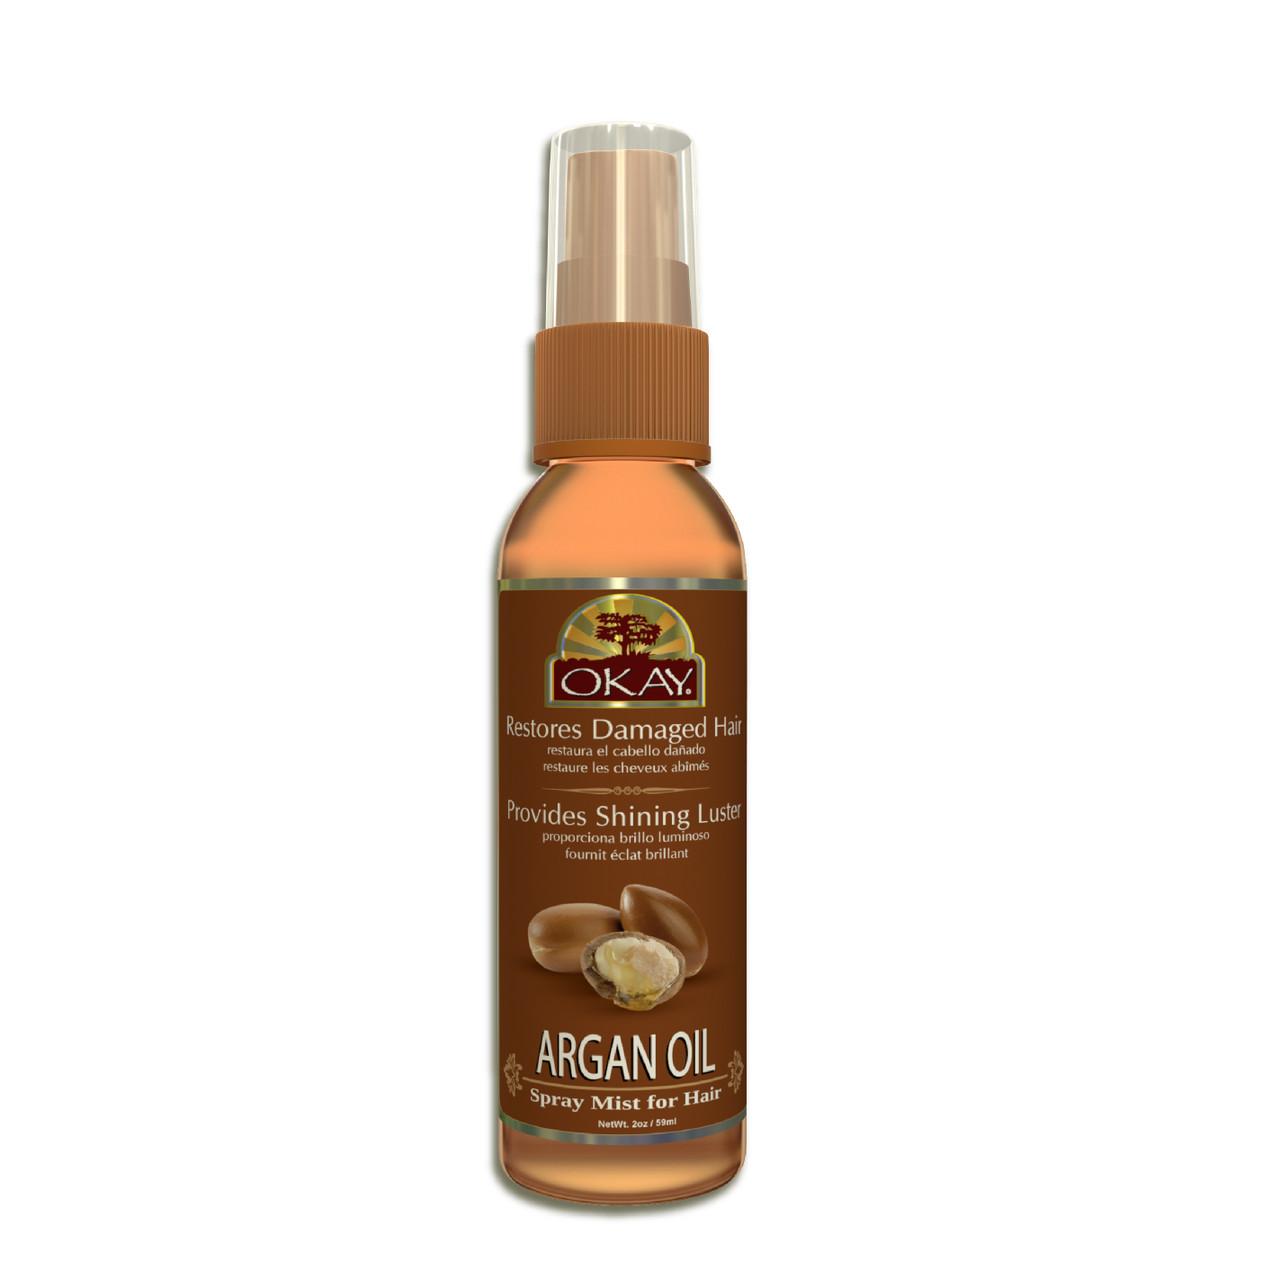 Argan Spray Mist Oil For Hair Helps Stop Roughness Of Hair